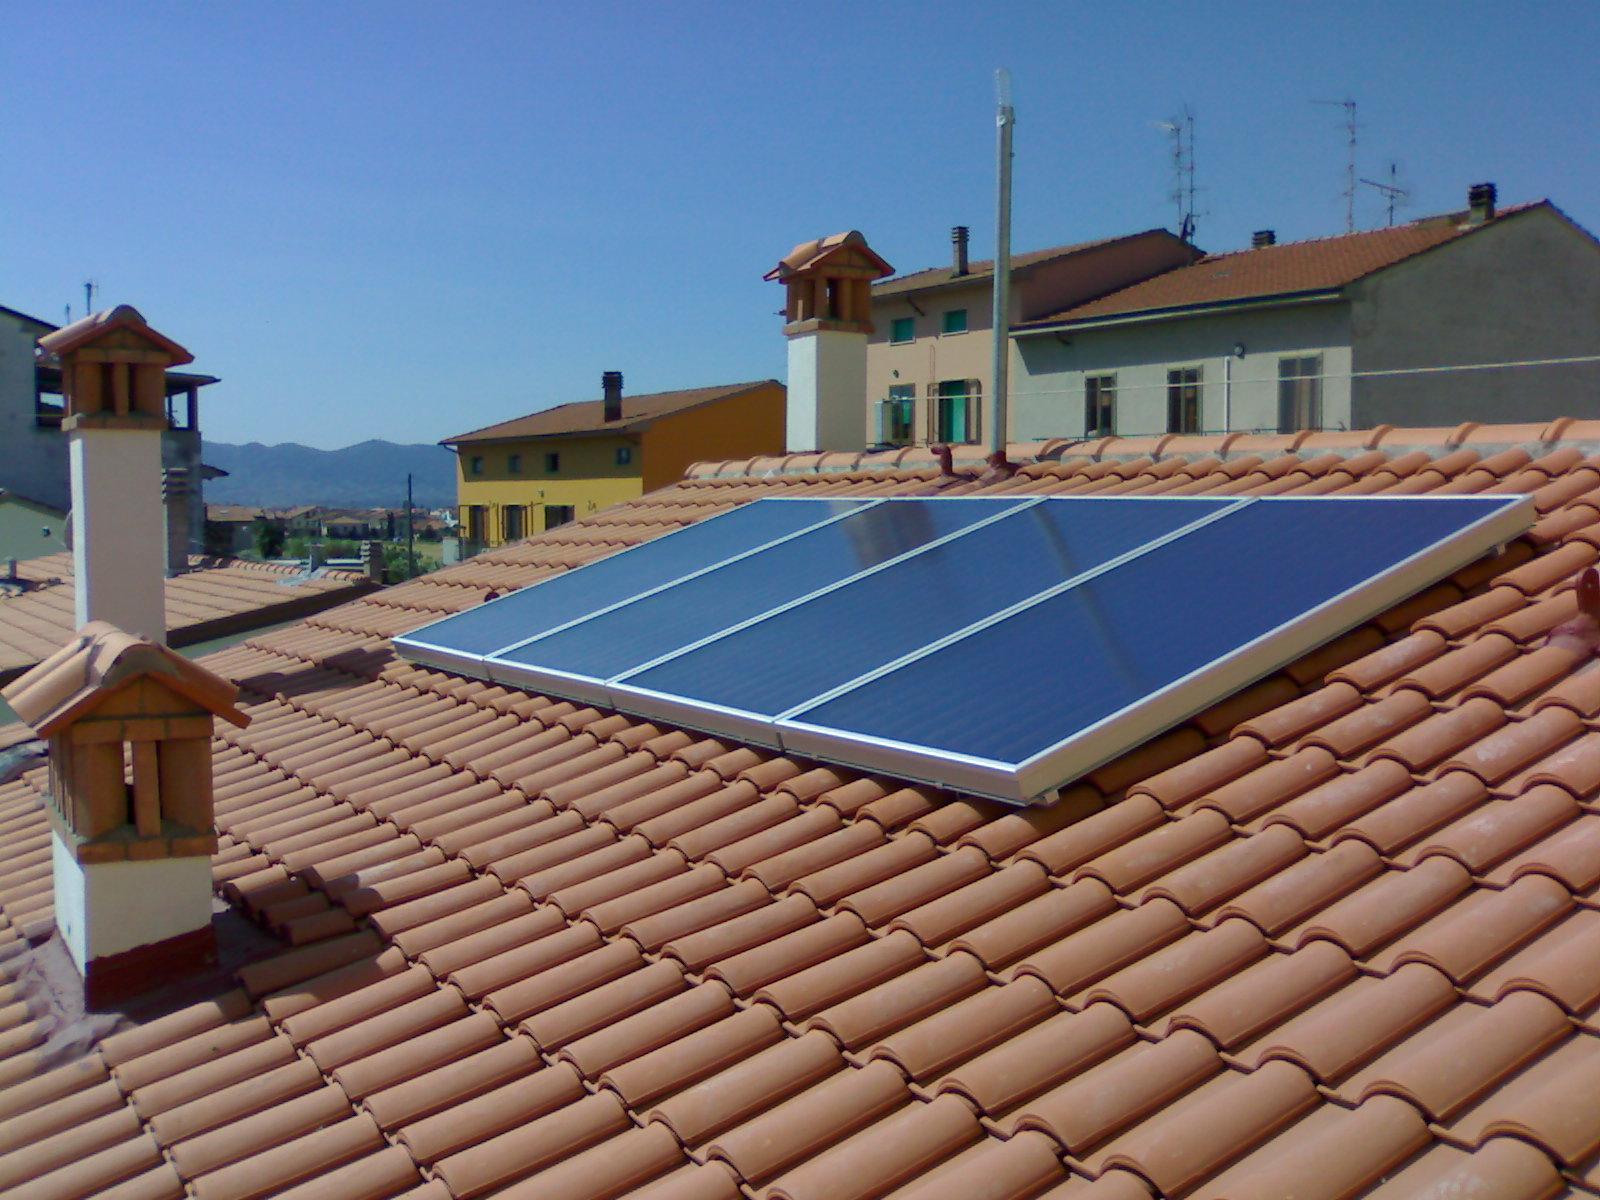 Pannello Solare Termico Rendimento : Impianti solari termici ottieni il massimo rendimento